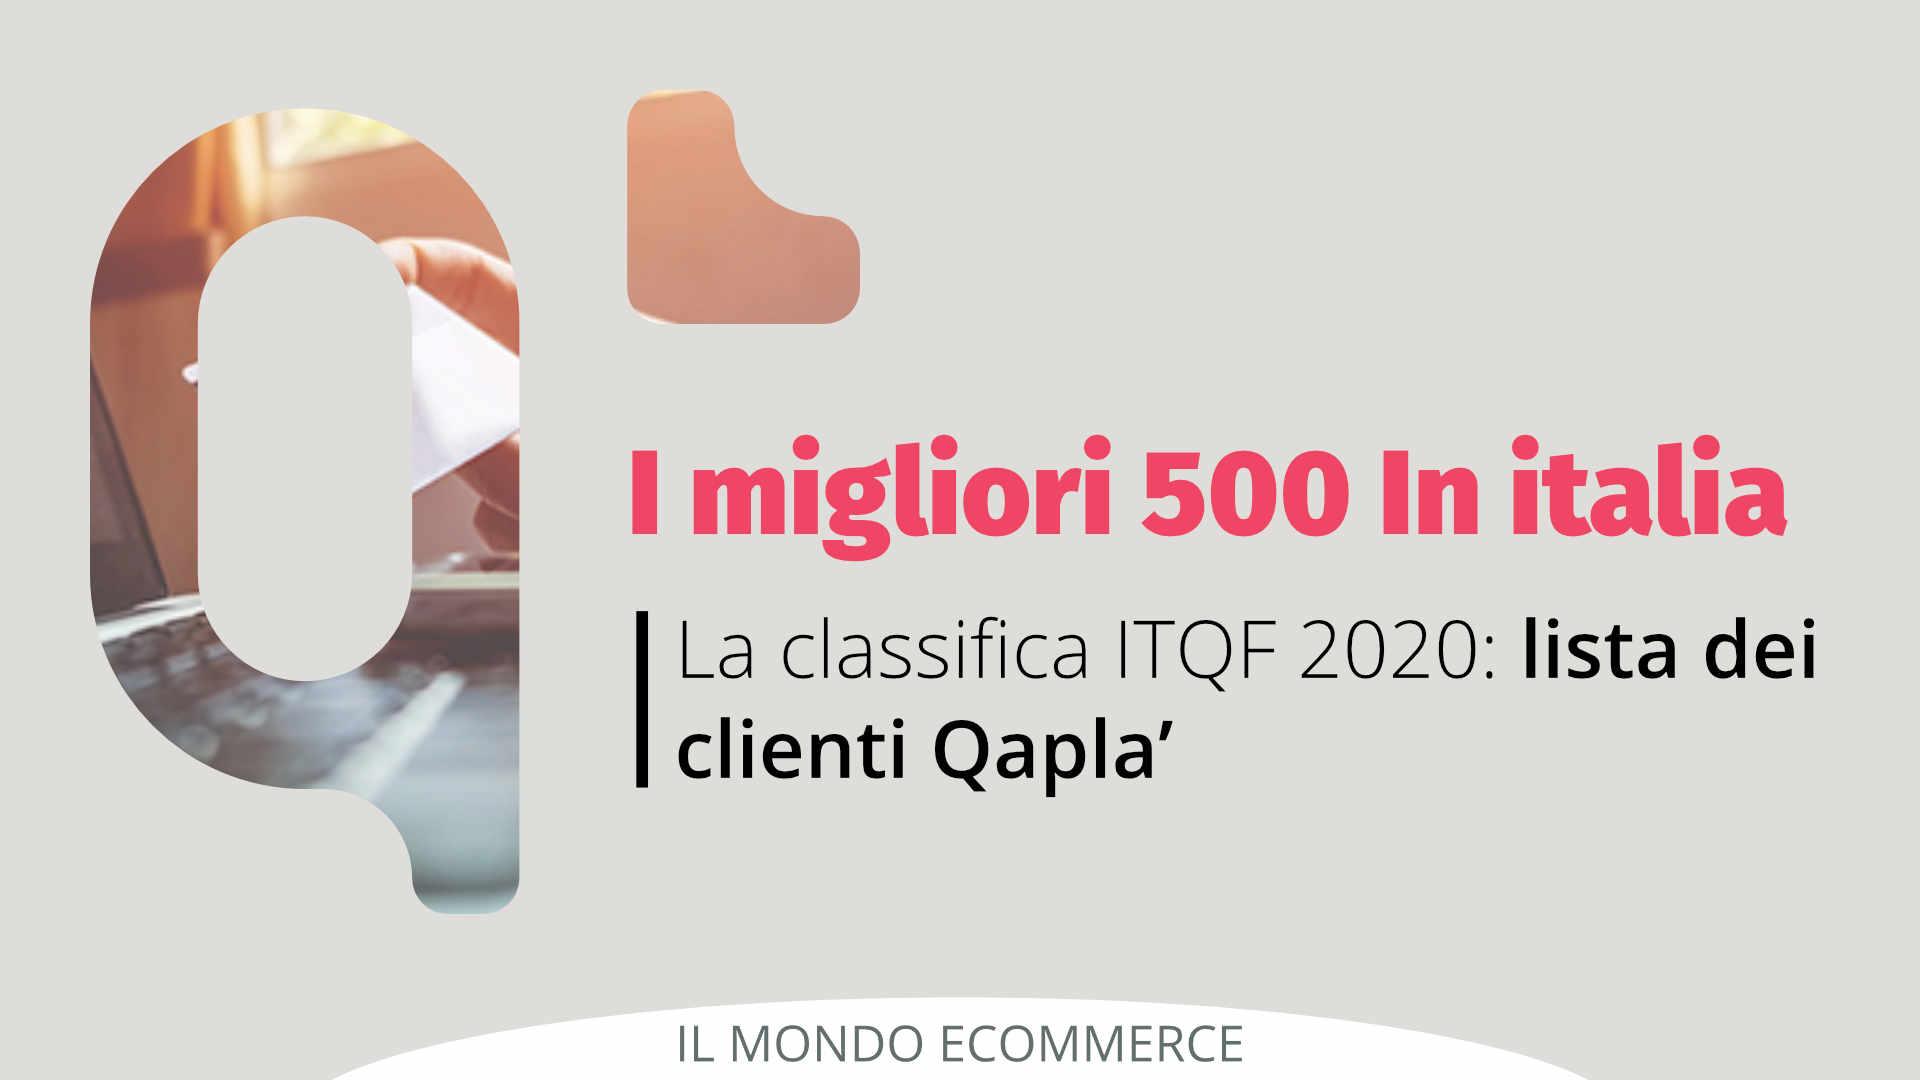 La classifica ITQF dei migliori 500 eCommerce Italiani 2020: lista dei clienti Qapla'